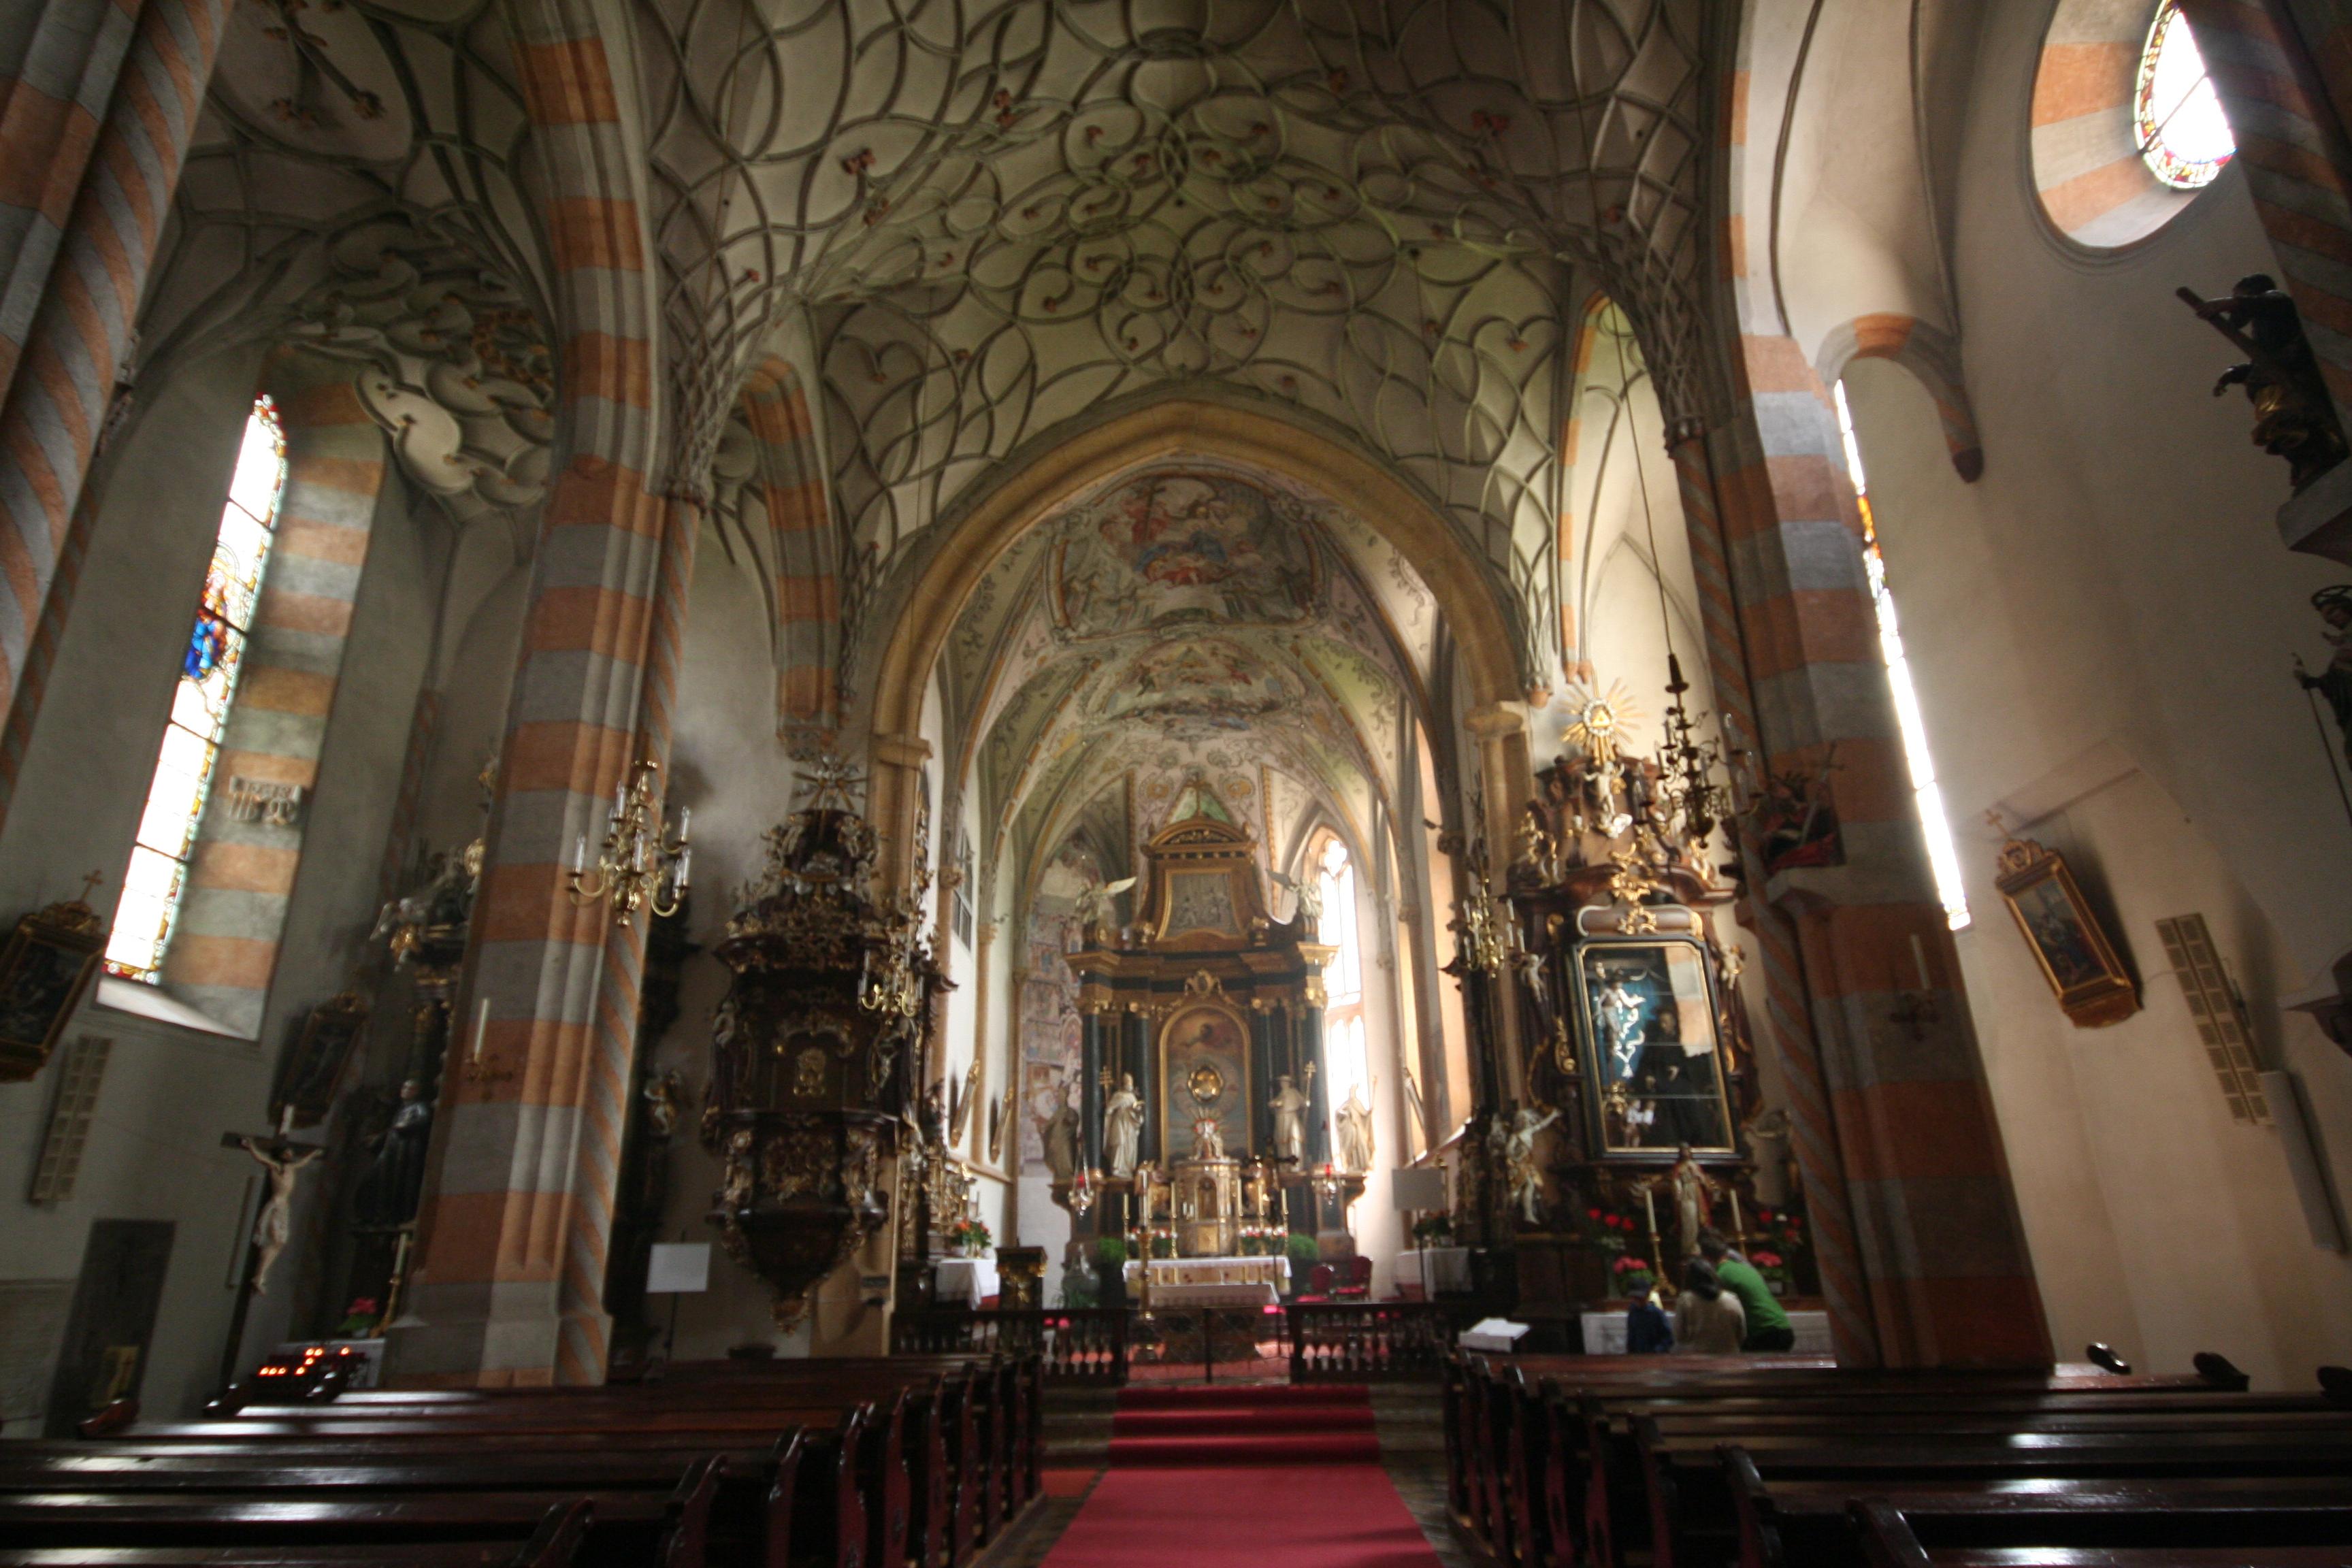 Pfarrkirche_K%C3%B6tschach_-_Innenansicht.JPG